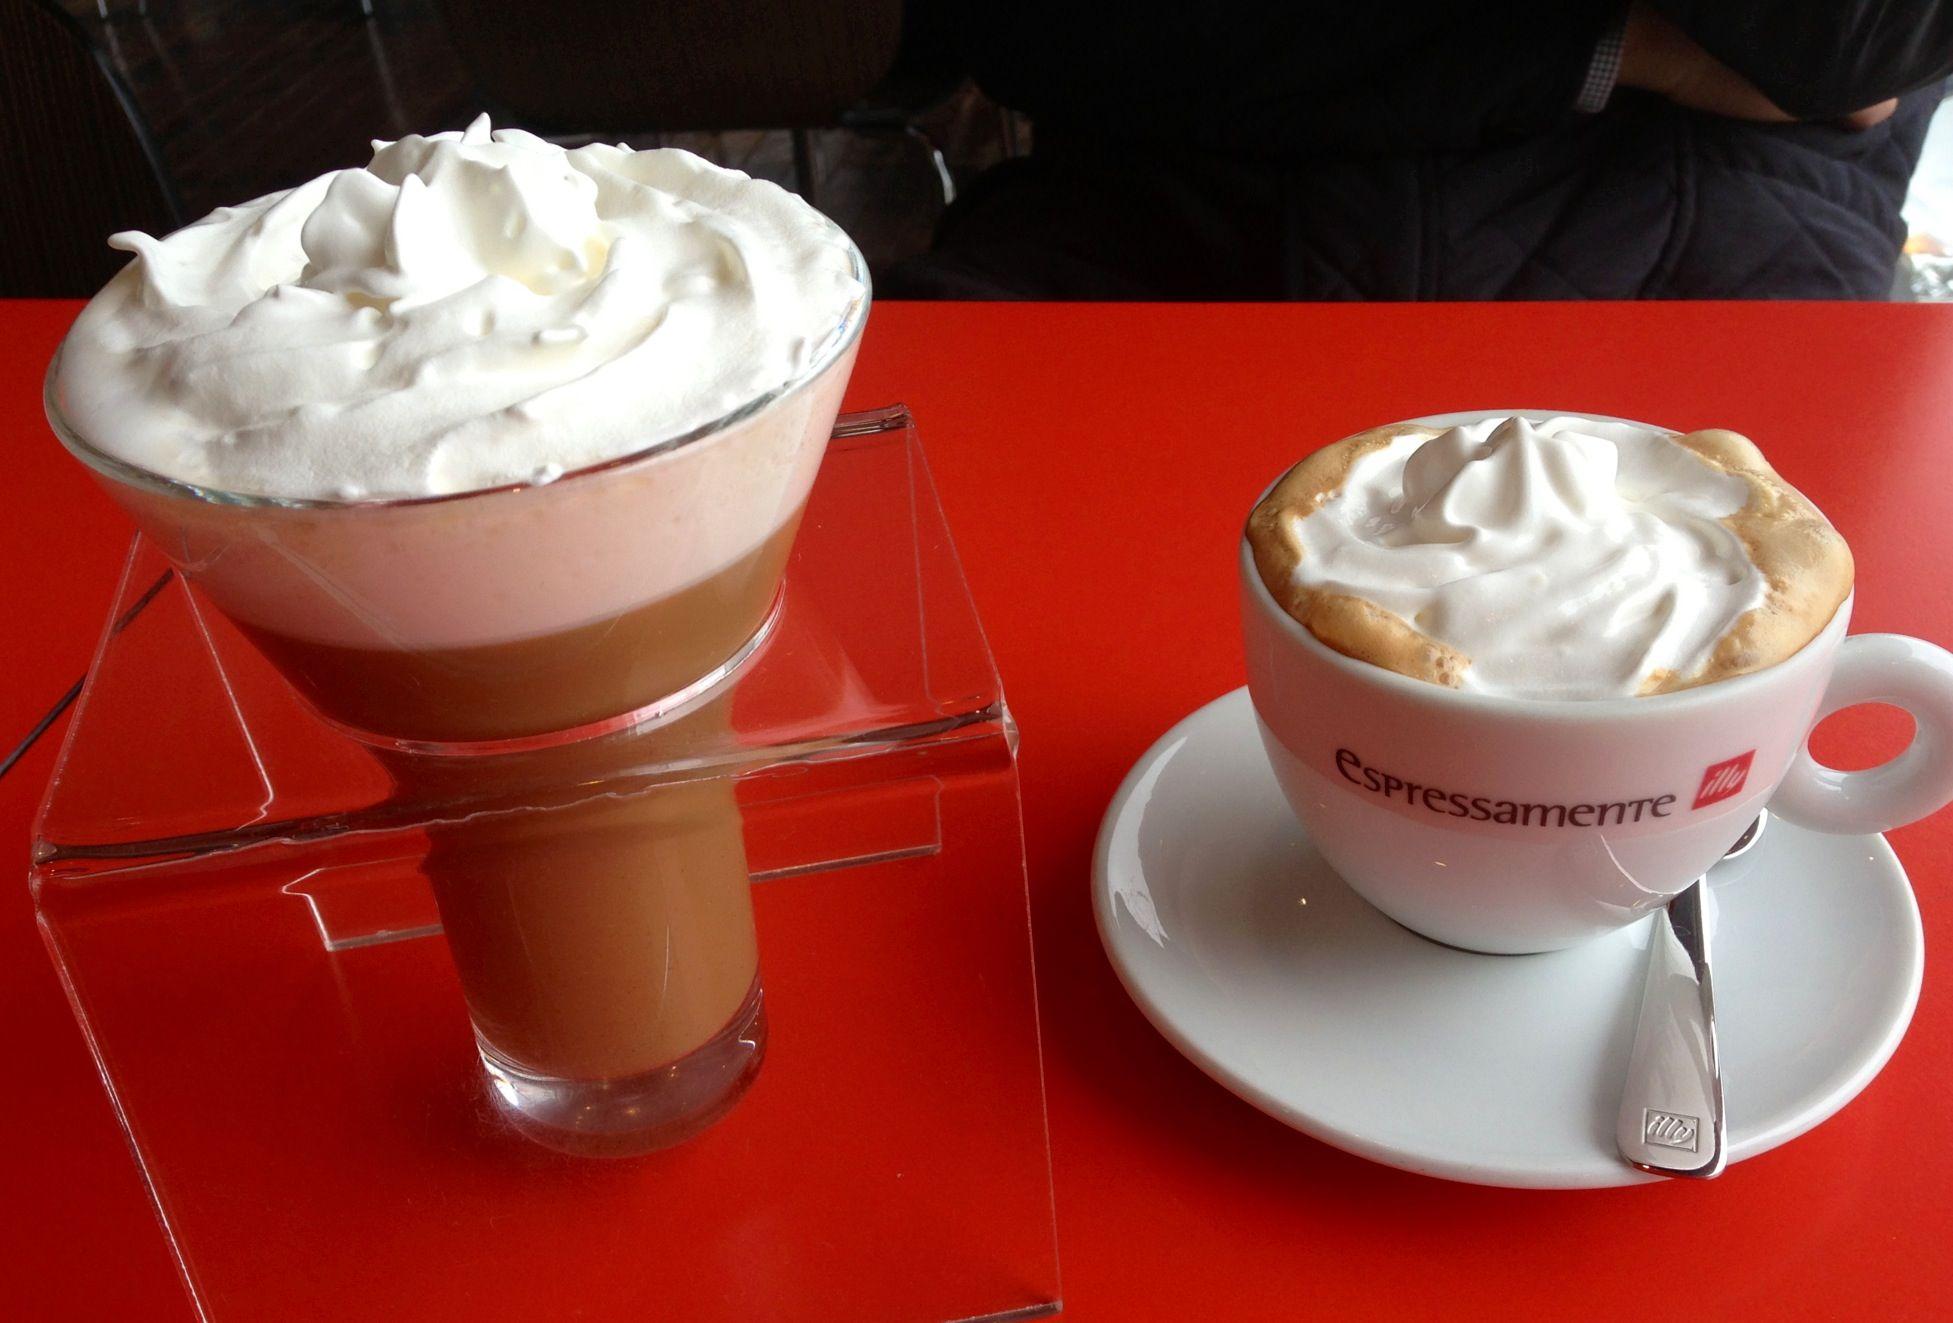 Cappuccino Viennese @ espressamente